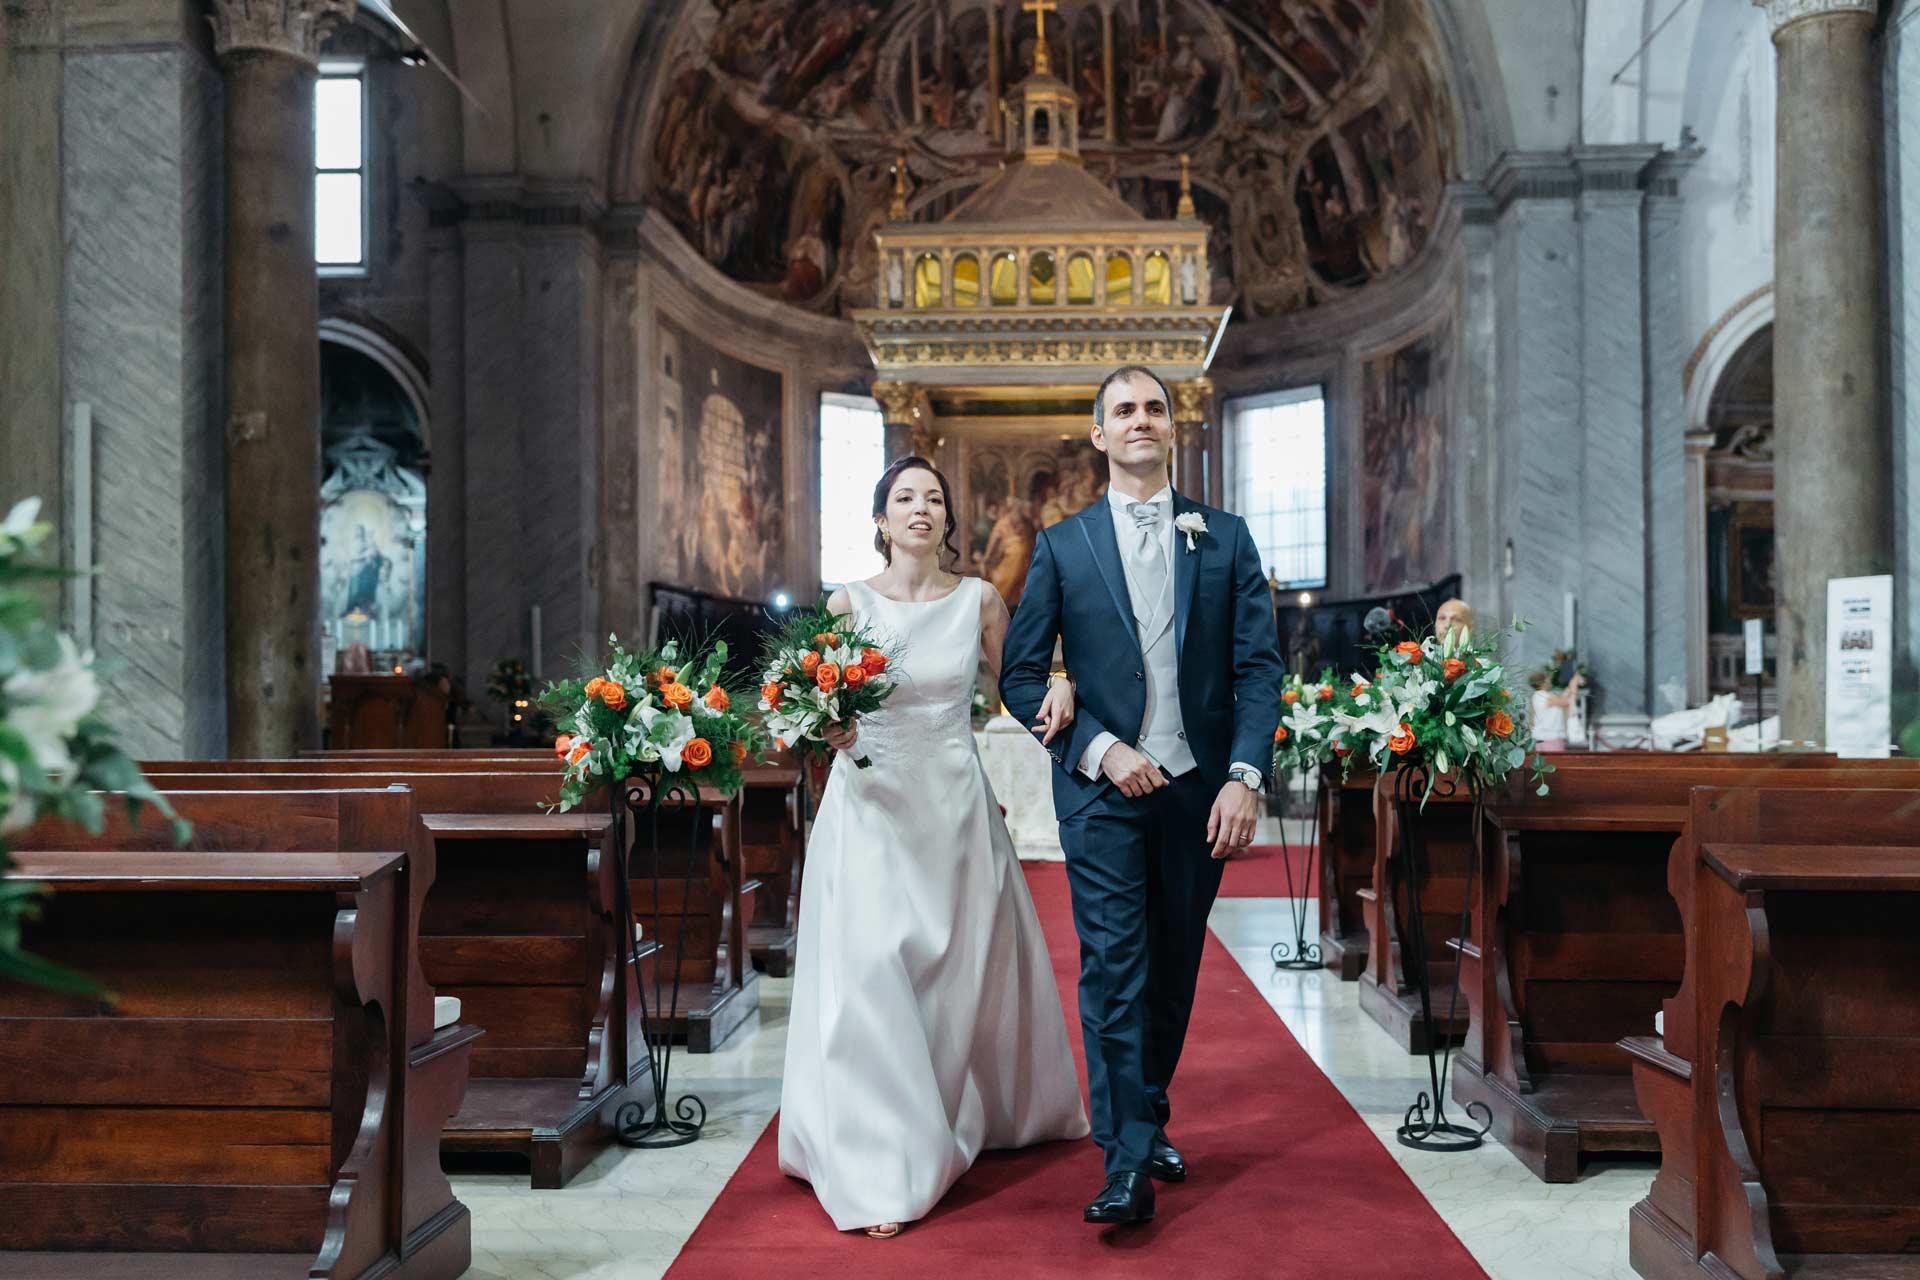 fotografo-matrimonio-roma-5-C&M-simone-nunzi